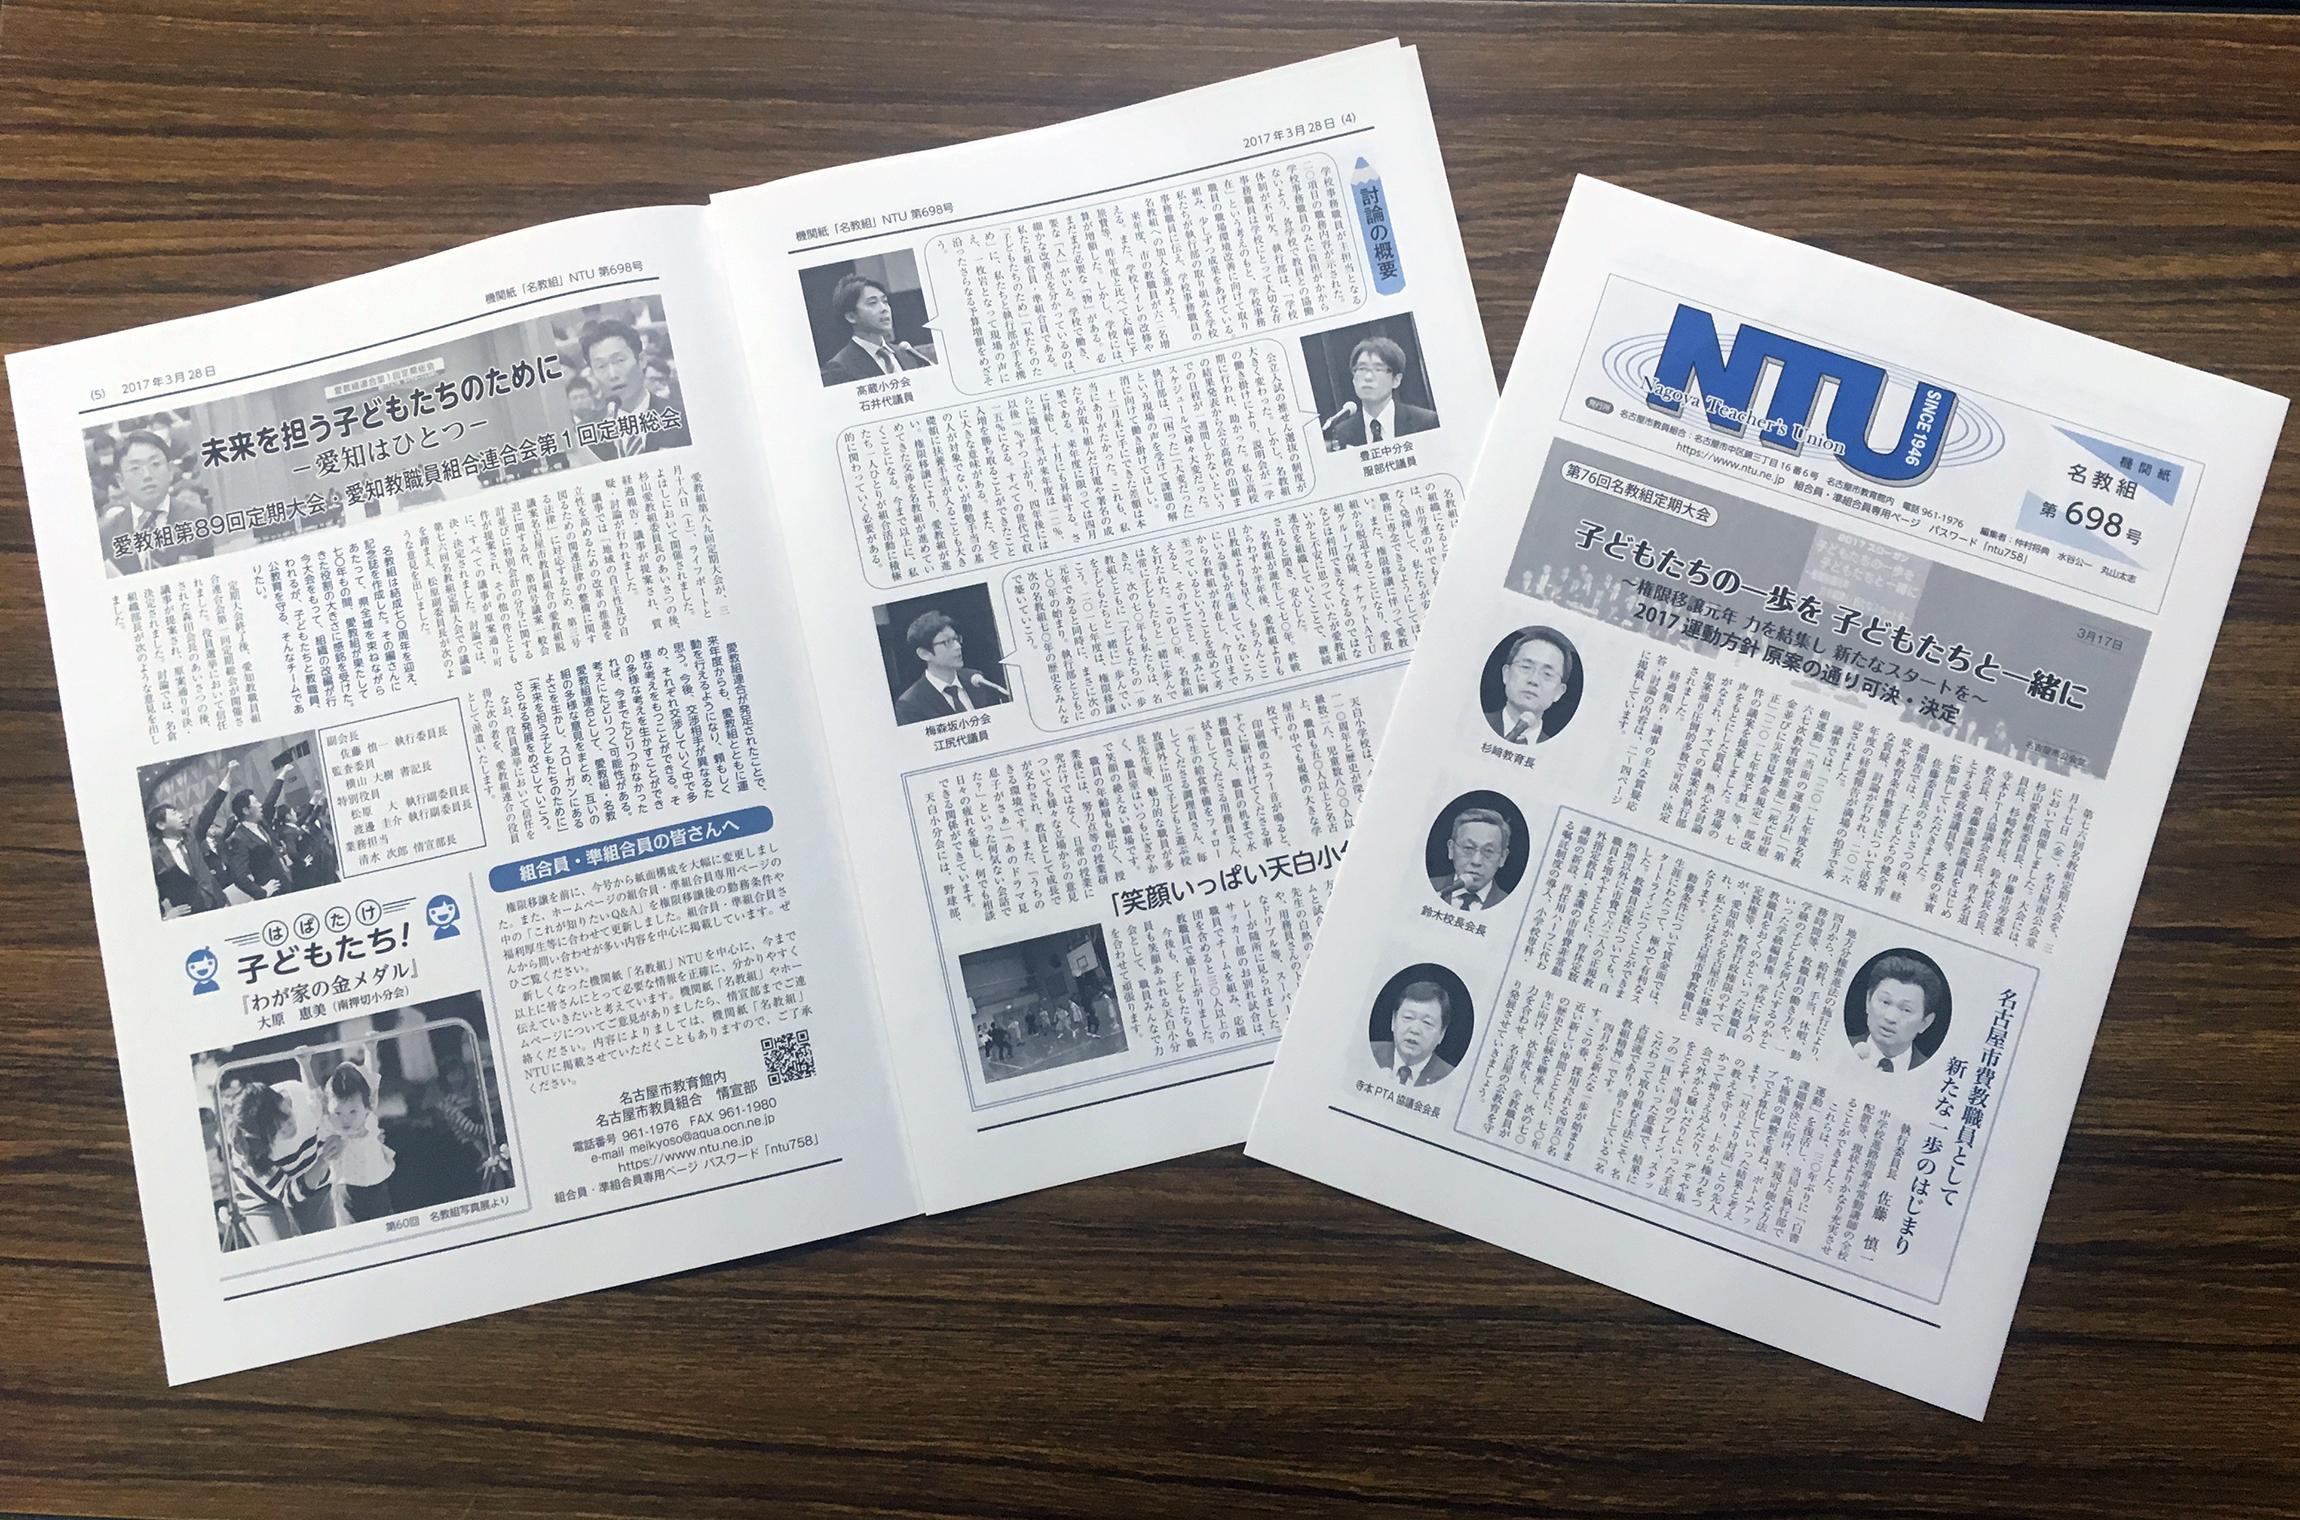 機関紙「名教組」NTU